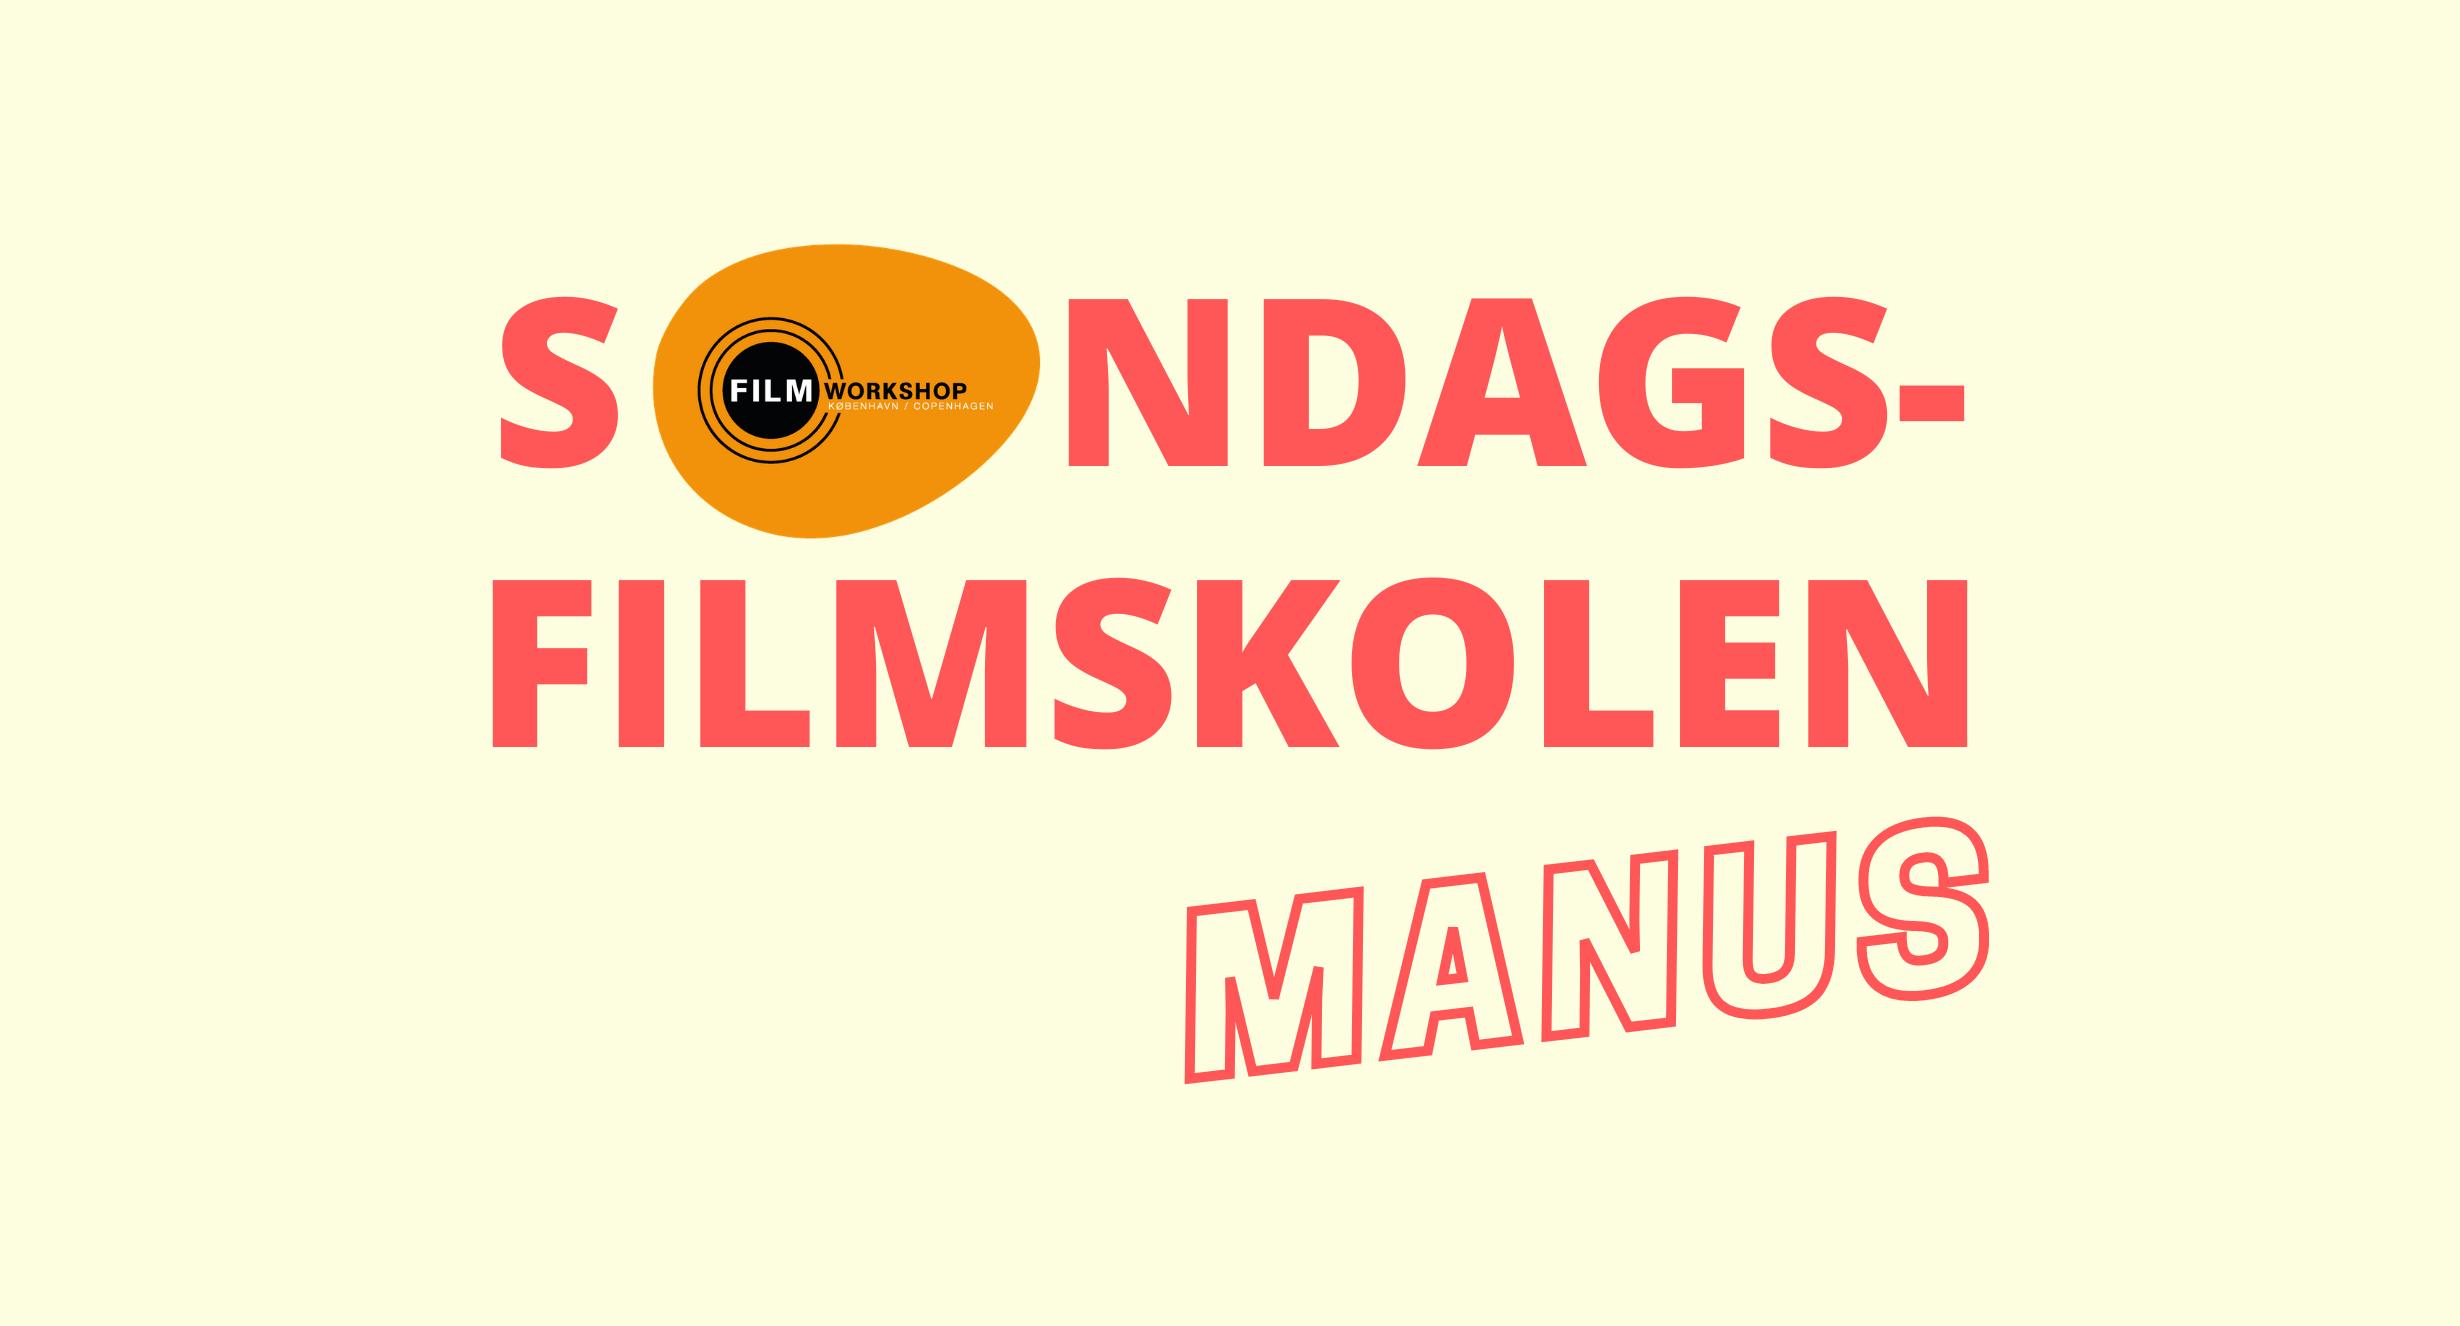 SØNDAGSFILMSKOLEN: MANUS – TILMELDINGSFRIST DEN 14. SEPTEMBER